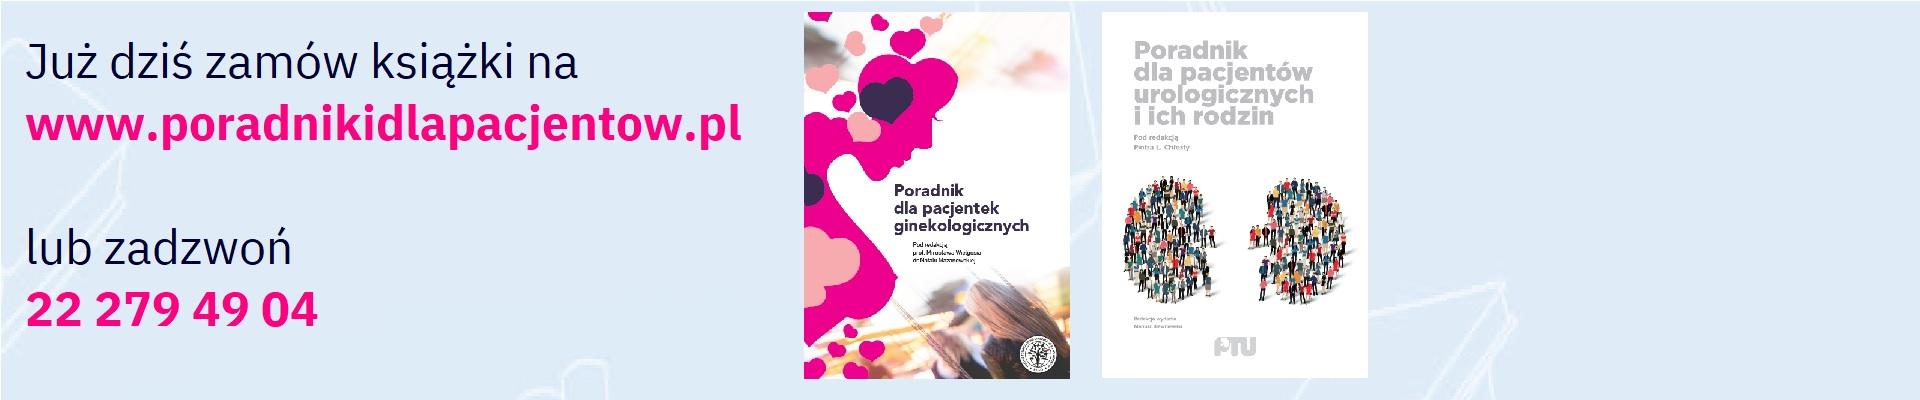 Poradniki dla pacjentów, Poradnik dla pacjentów urologicznych, Poradnik dla pacjentek ginekologicznych